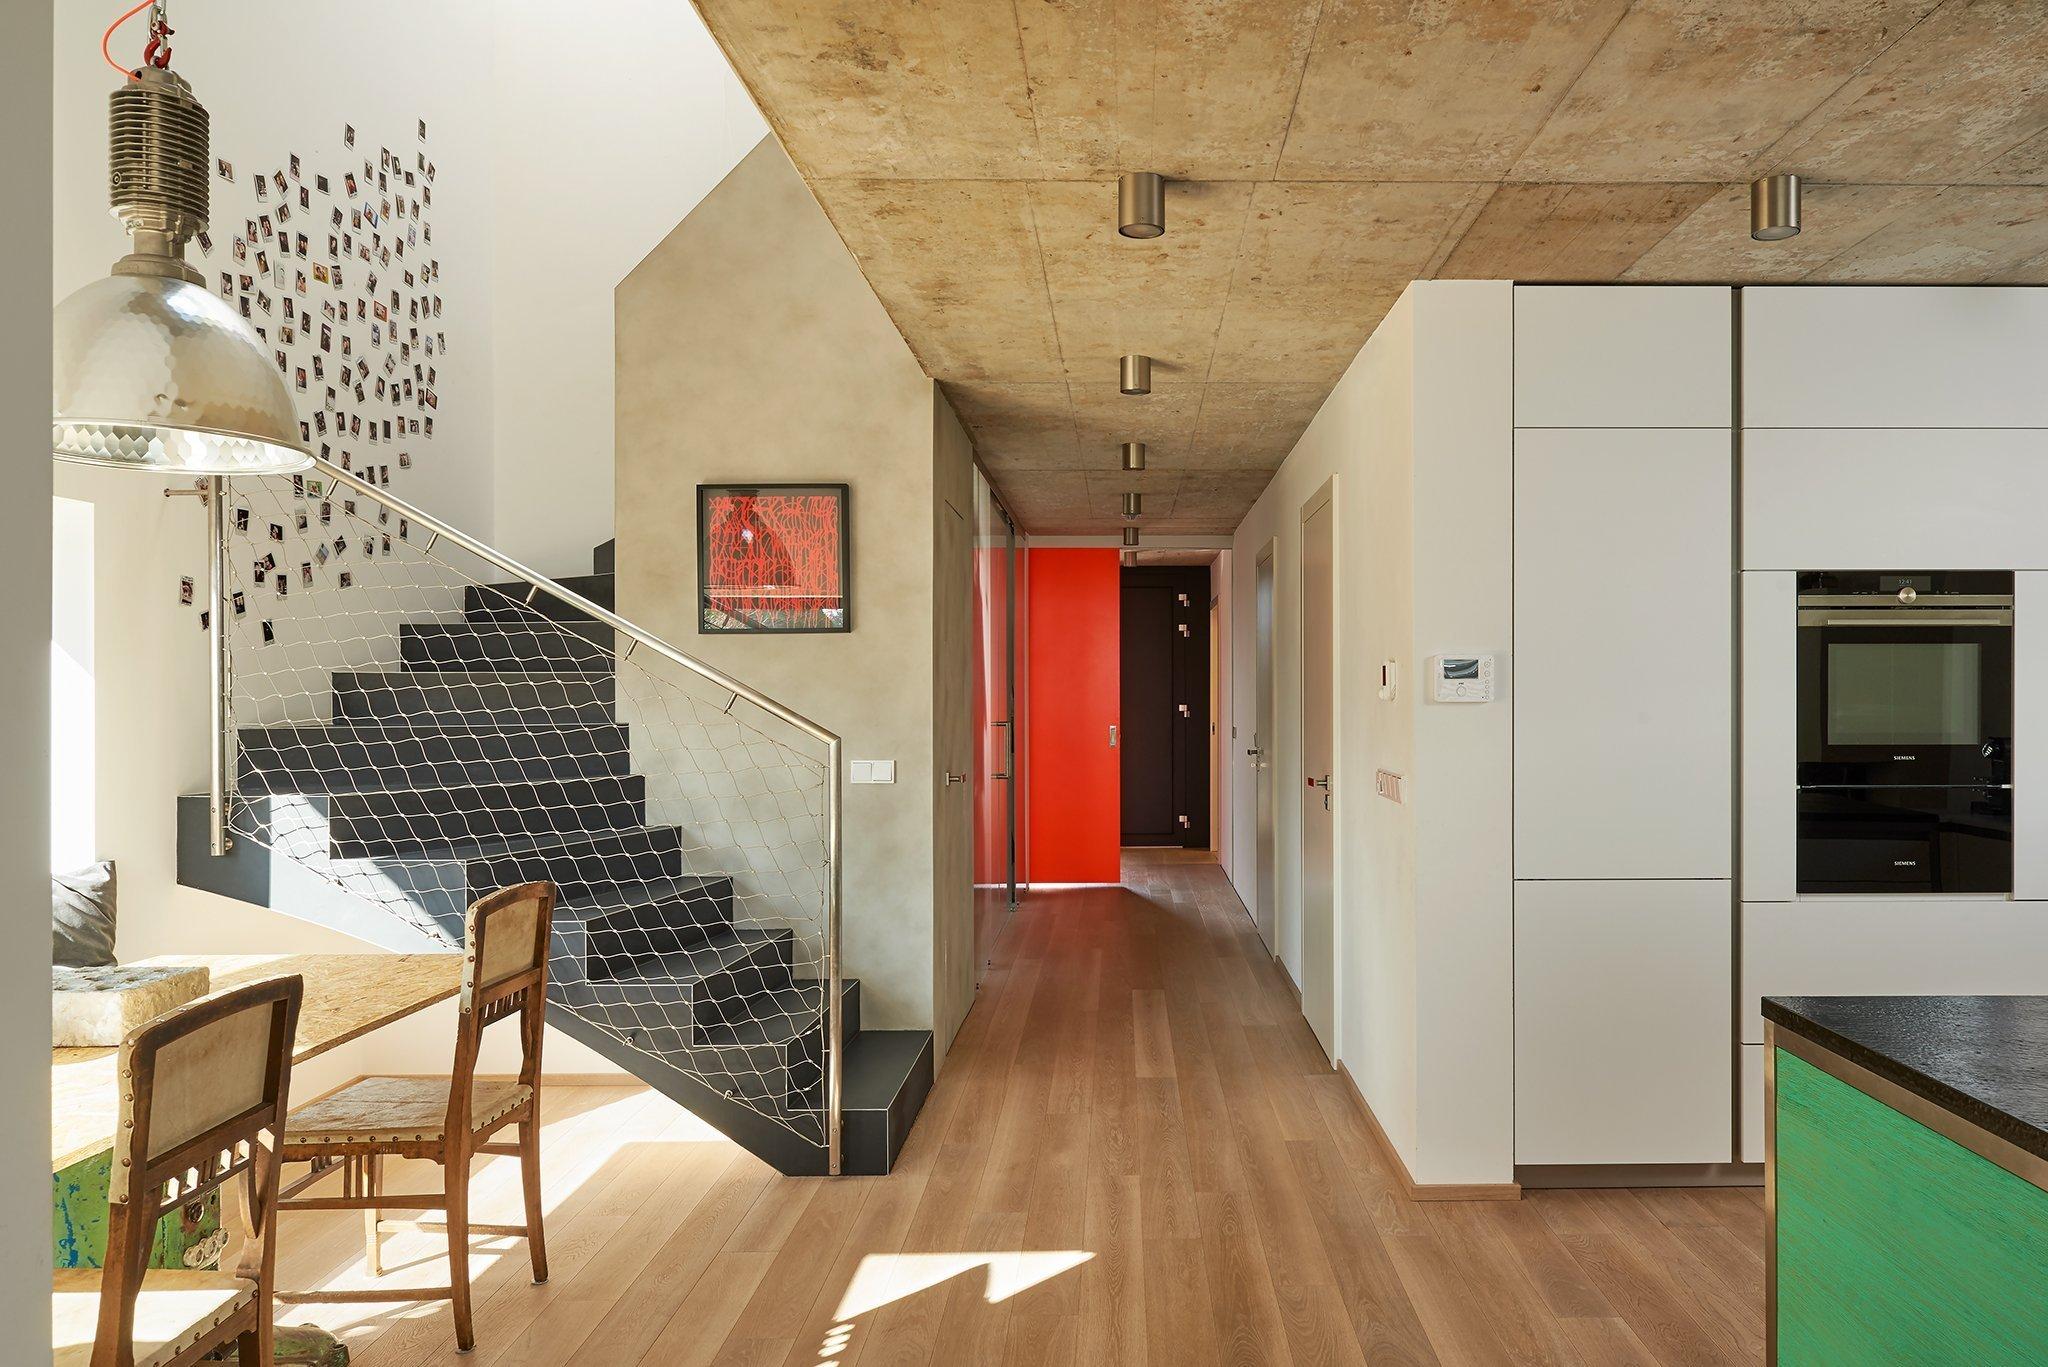 První věc, která v domě na první pohled zaujme, je samotný prostor. V nepřeplněném interiéru je proto místo pro jednotlivé kusynábytkua zajímavé detaily.…